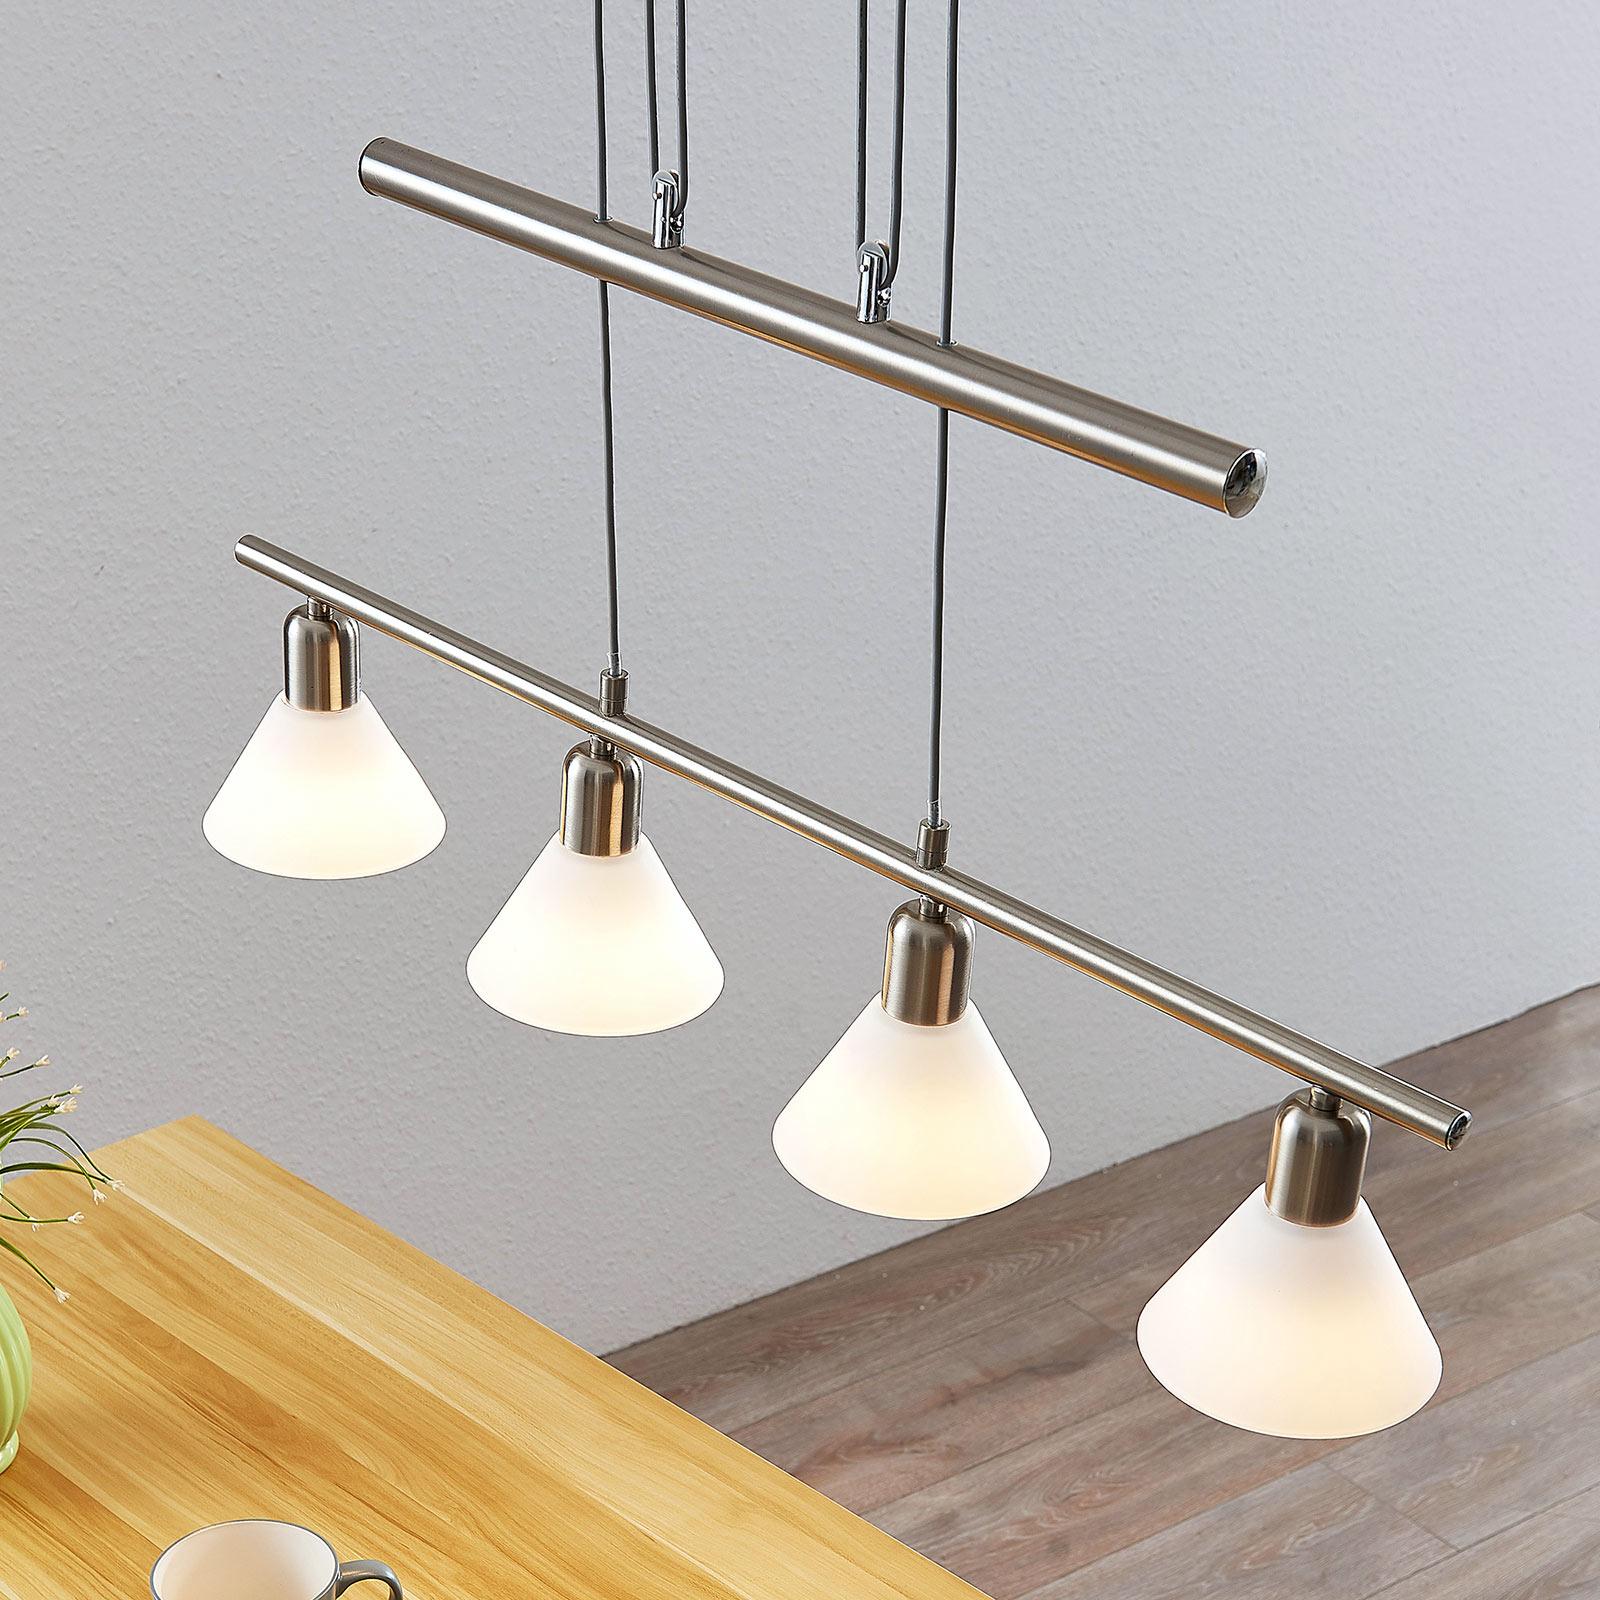 Riippuvalaisin Delira 4-lamppuinen nikkeli